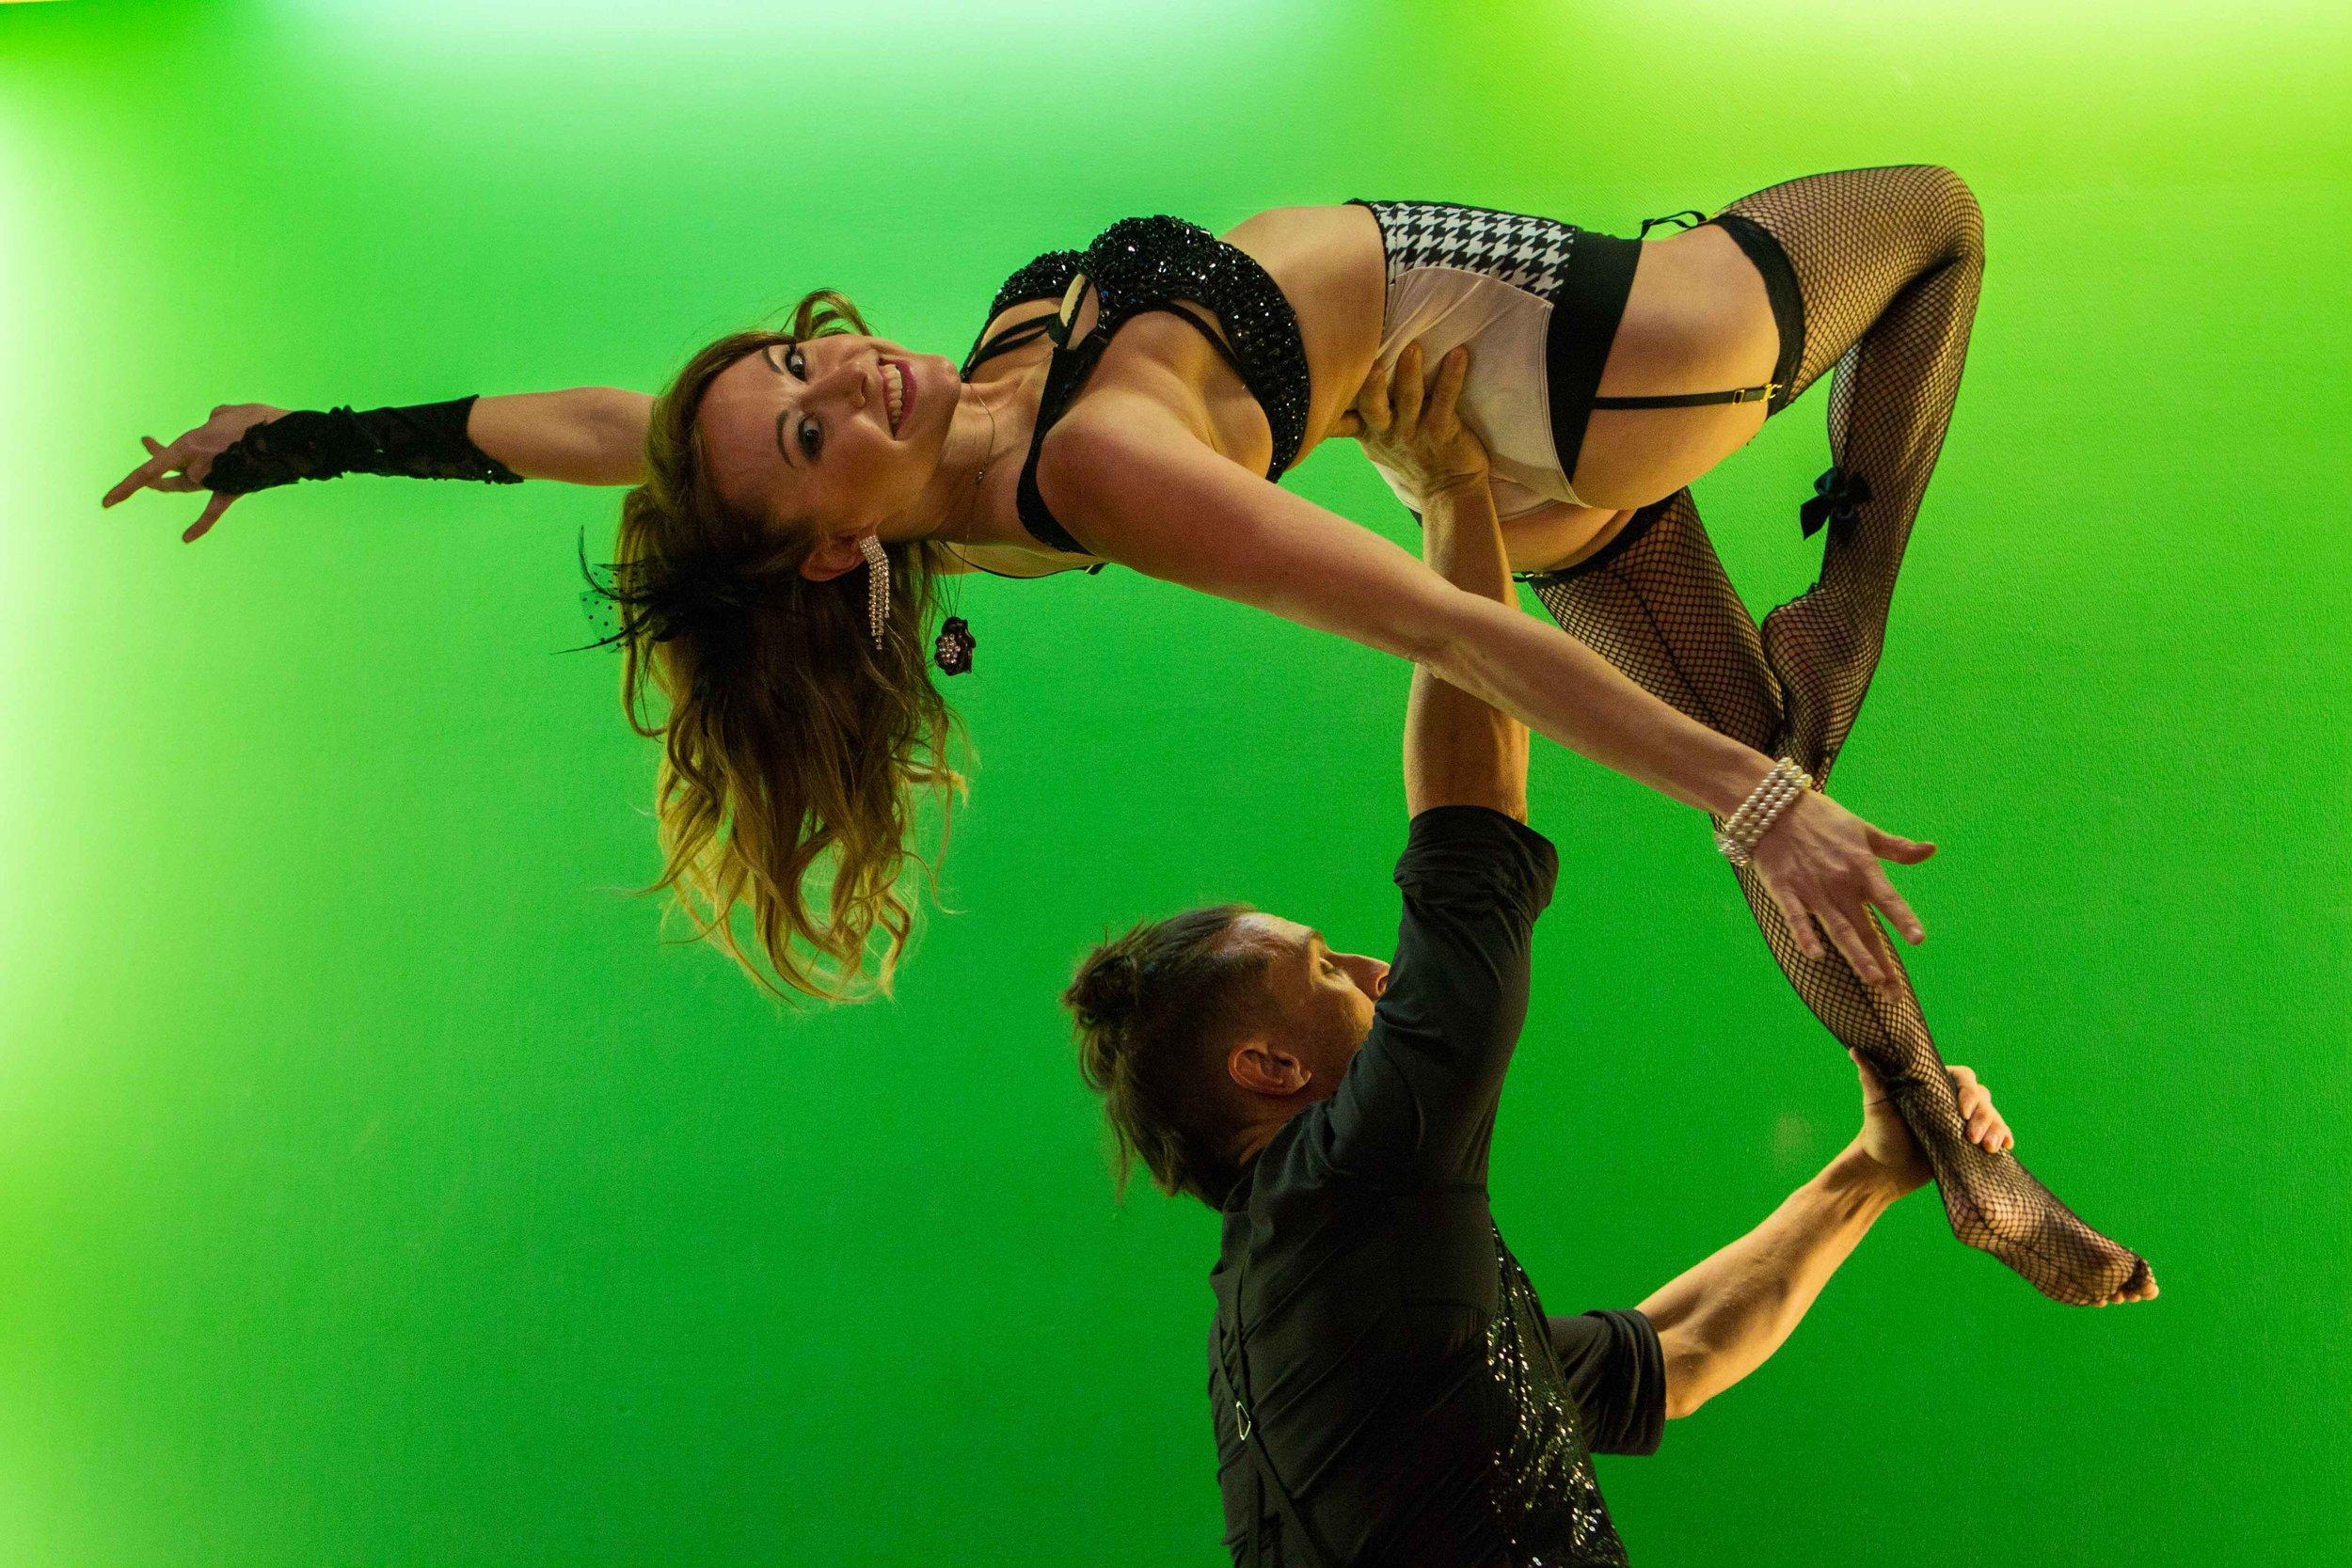 Sundance2017_Dancers-5.jpg